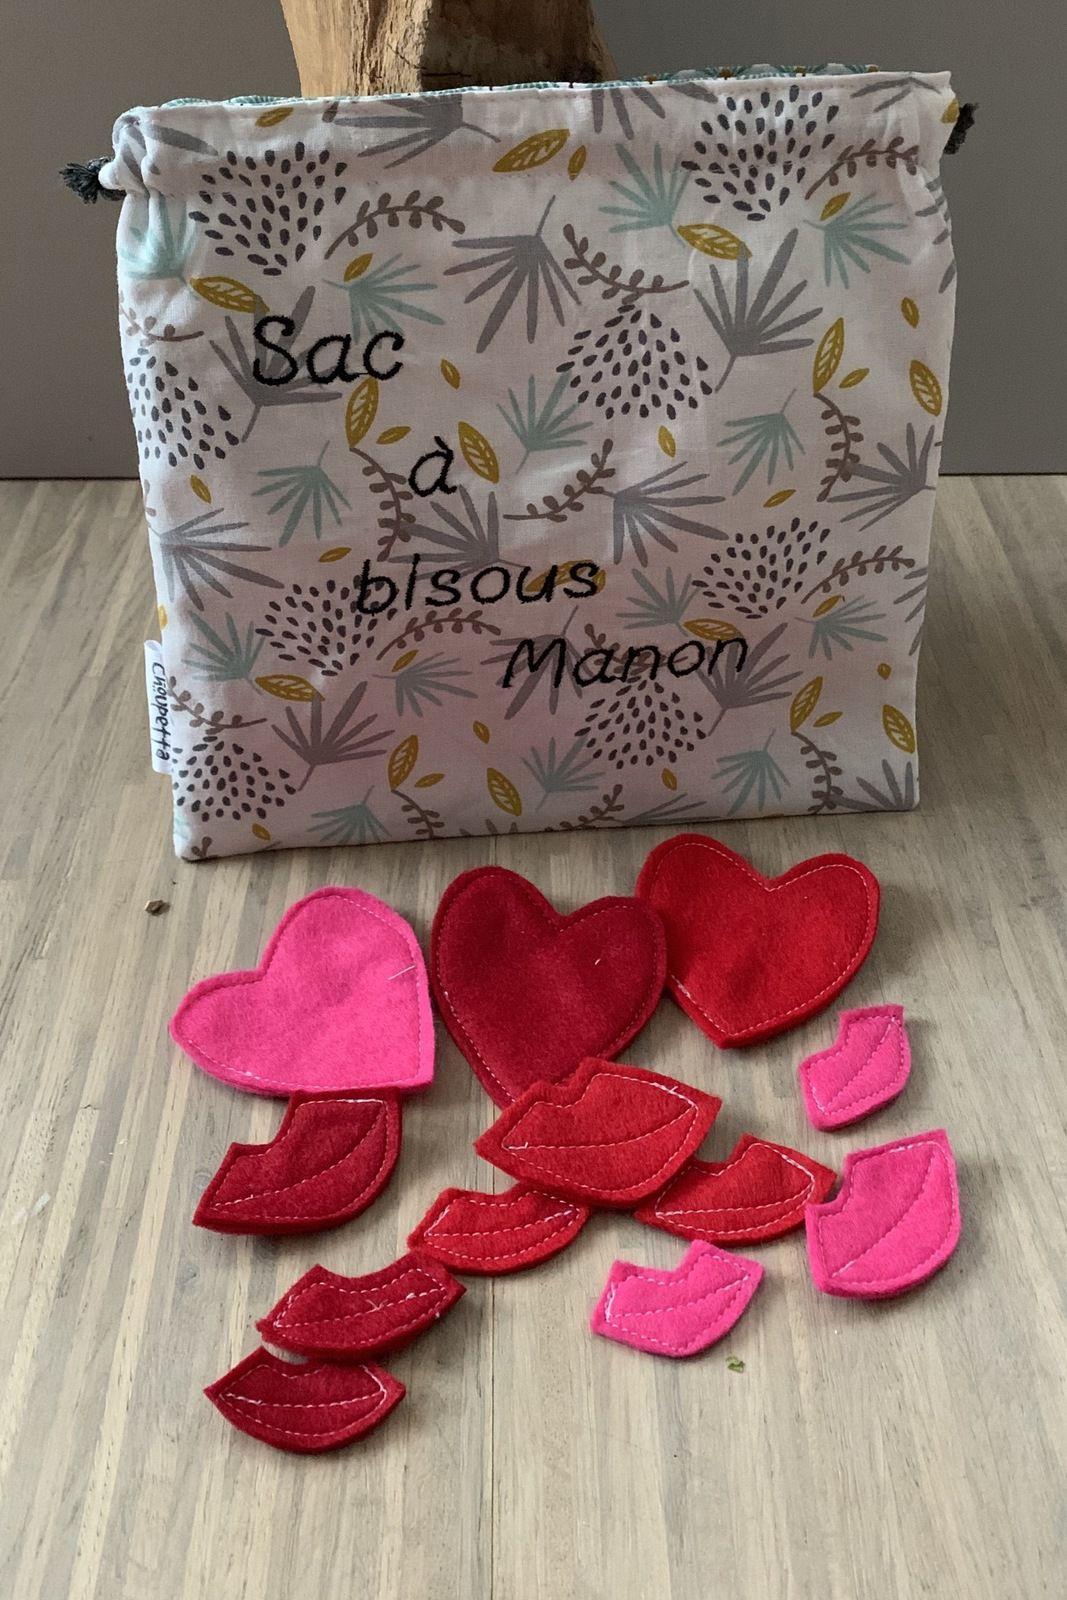 Le sac à bisous de Manon